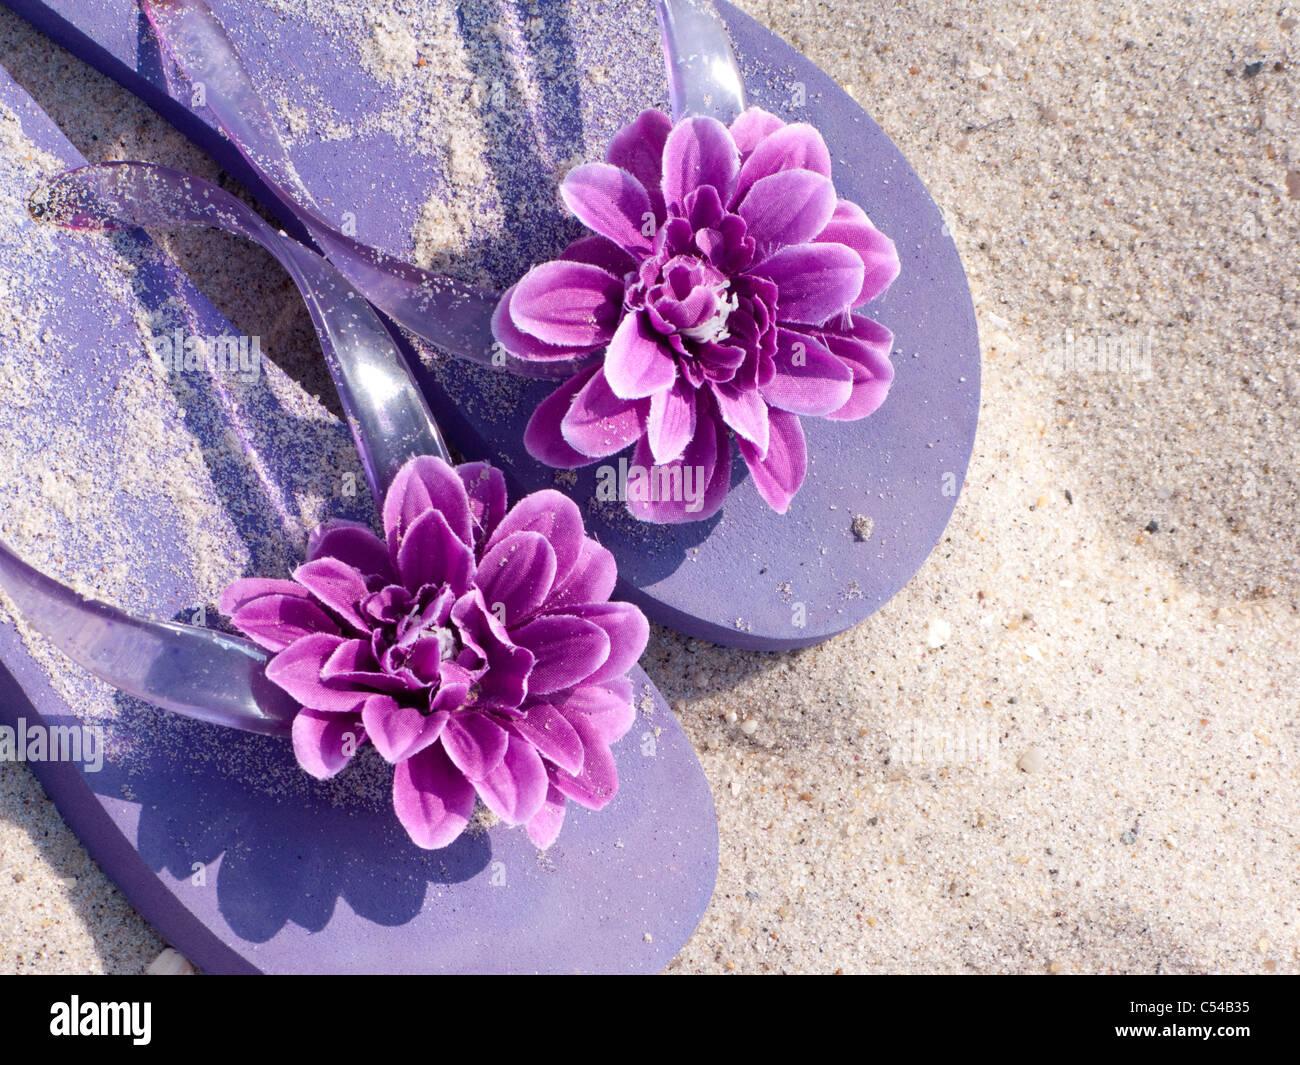 Onorevoli sandali fiorito sulla spiaggia di sabbia bianca Immagini Stock